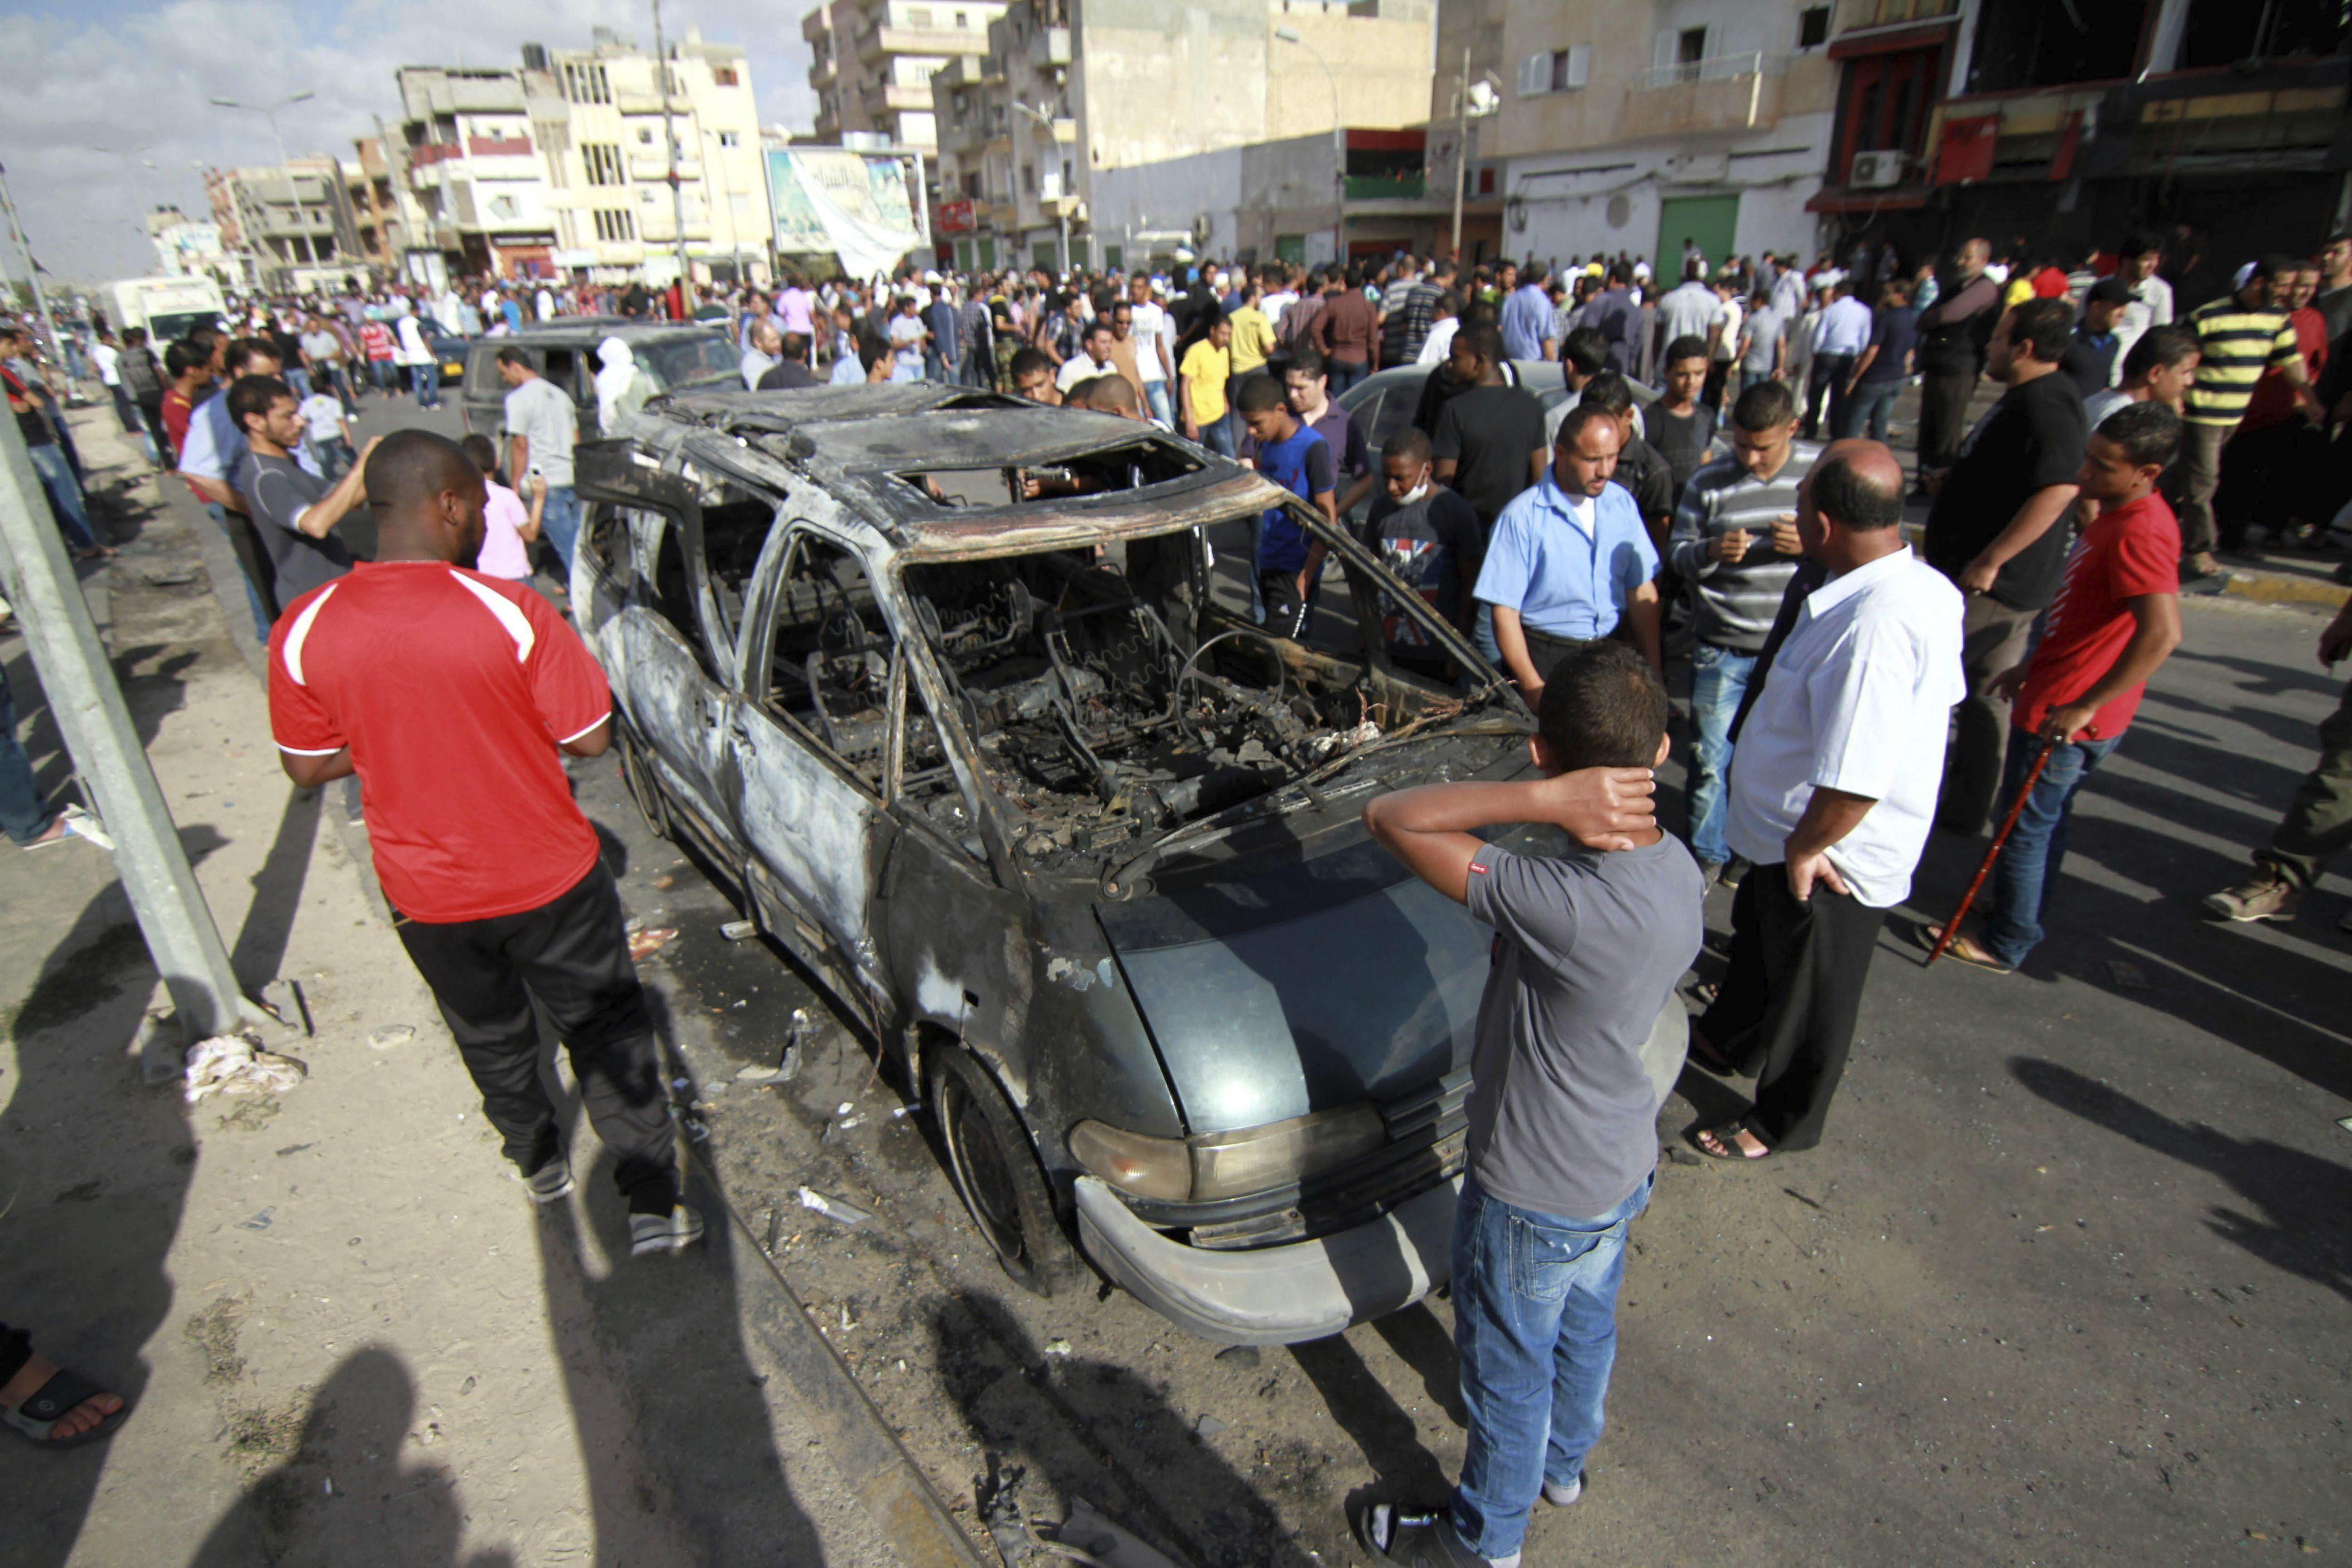 Mueren seis soldados libios en un ataque armado en Sirte